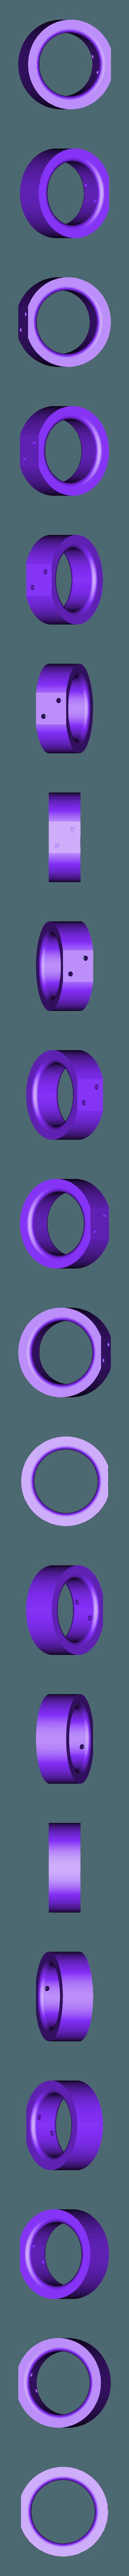 throat.stl Télécharger fichier STL gratuit Mécanique de la bouche et du sourcil, adaptable à la mécanique de l'œil • Modèle pour impression 3D, kakiemon